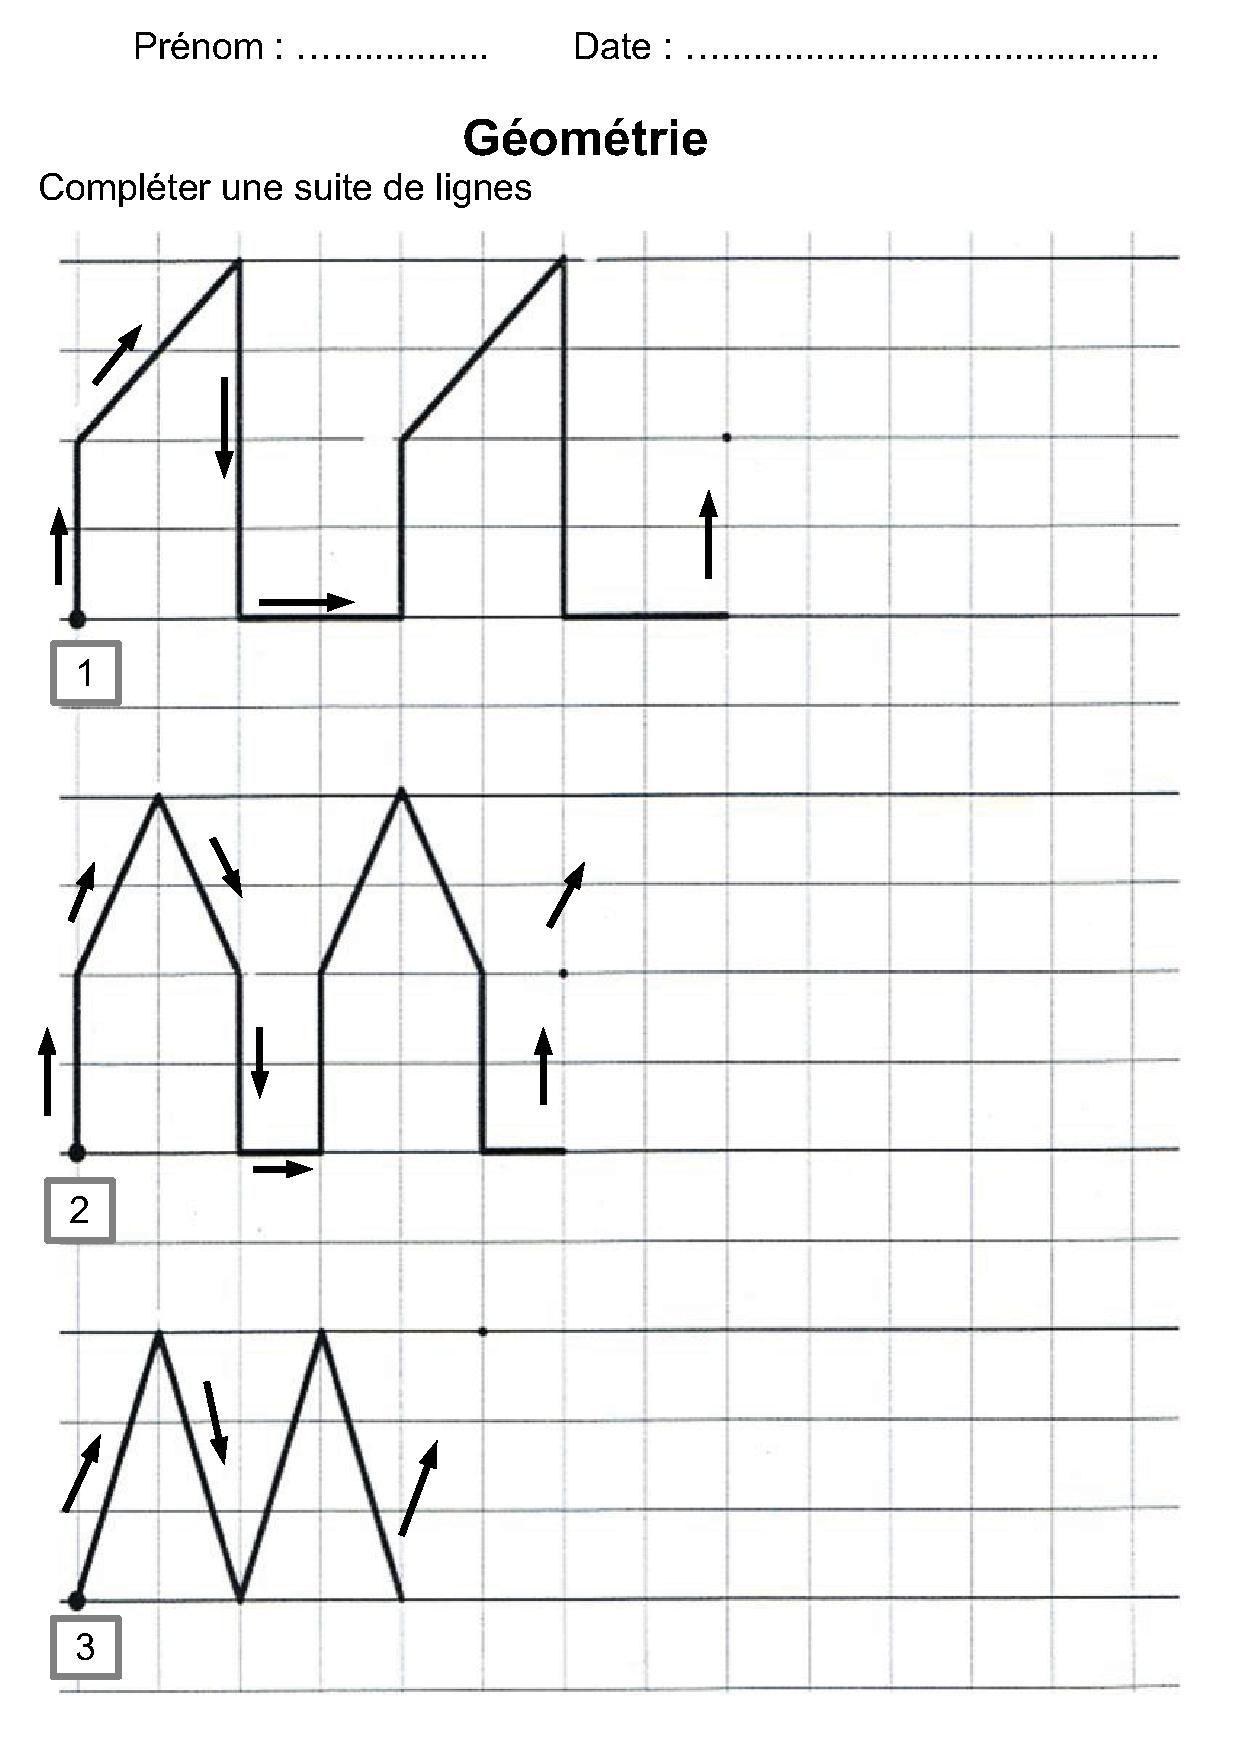 Géométrie Ce1,ce2,la Symétrie,reproduire Une Figure à Symétrie Ce1 Ce2